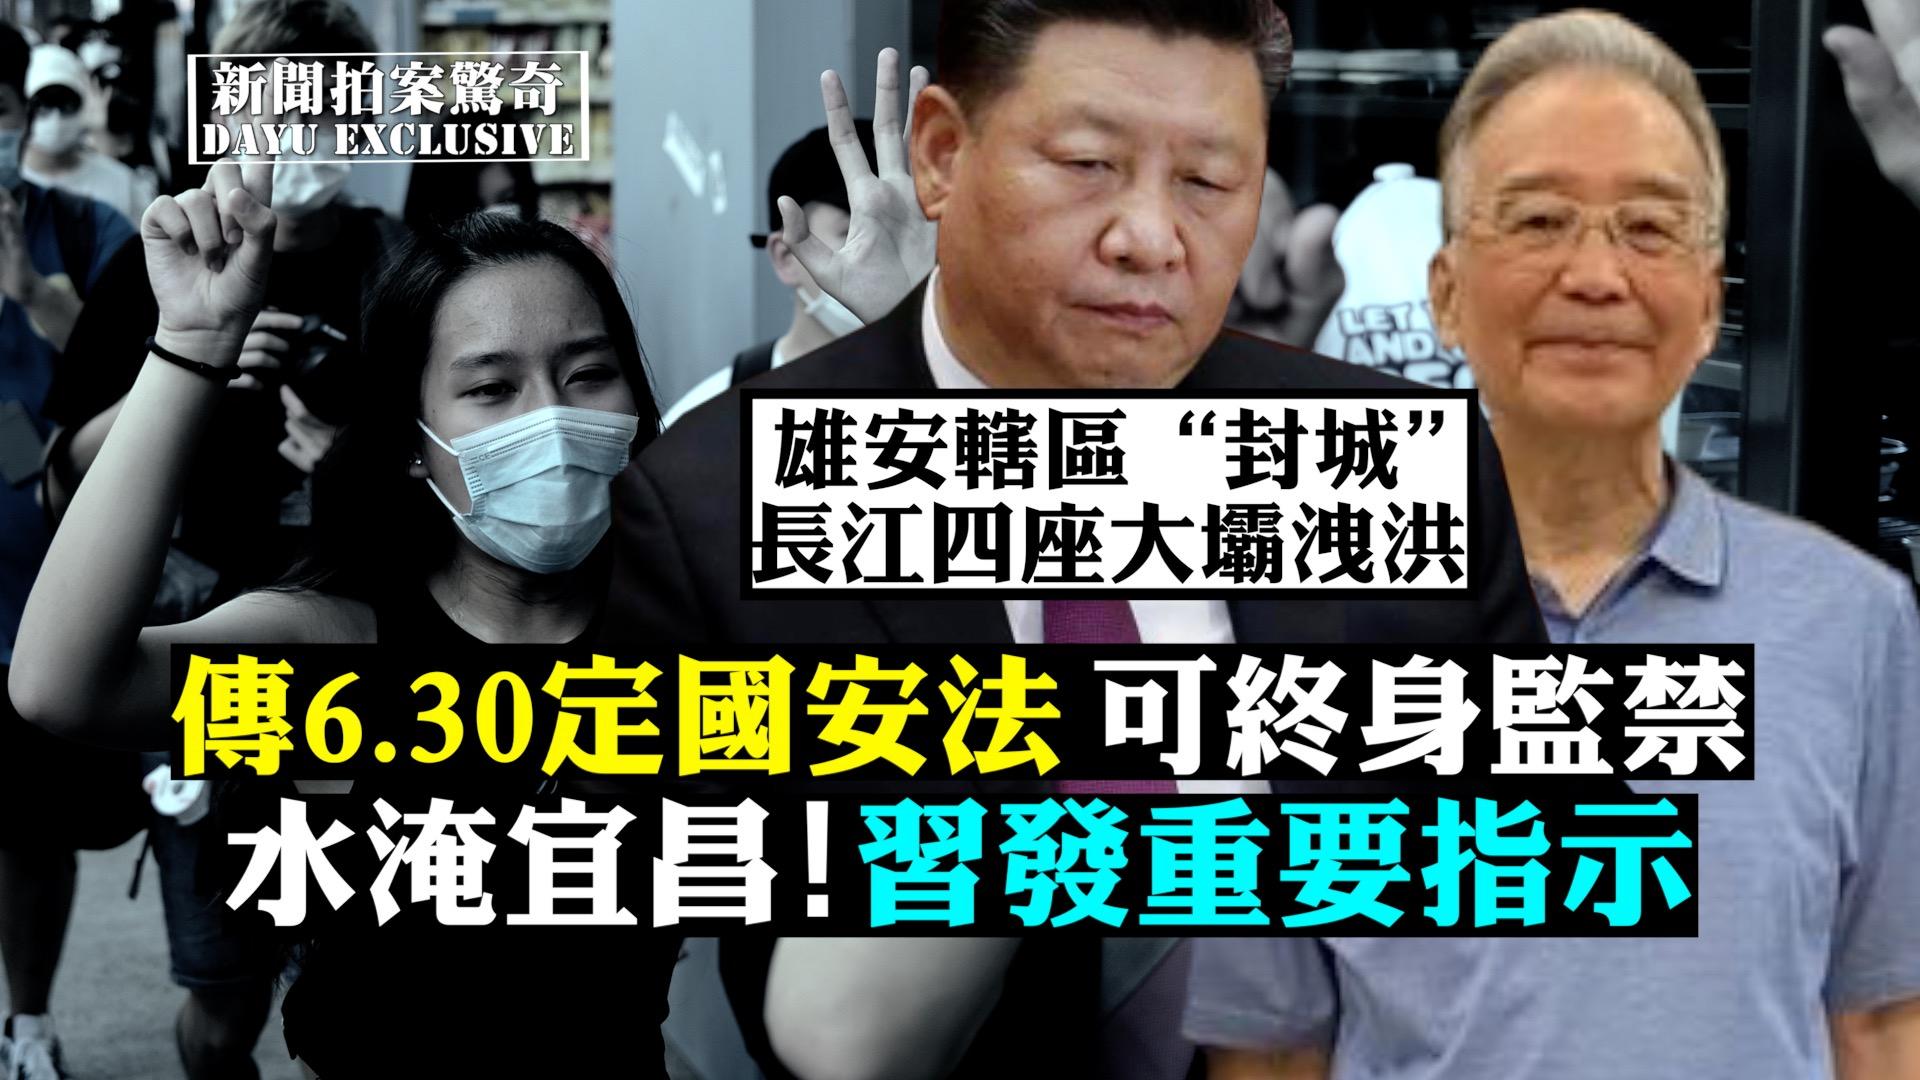 【拍案驚奇】水淹宜昌 北京疫情 港七一醞風暴